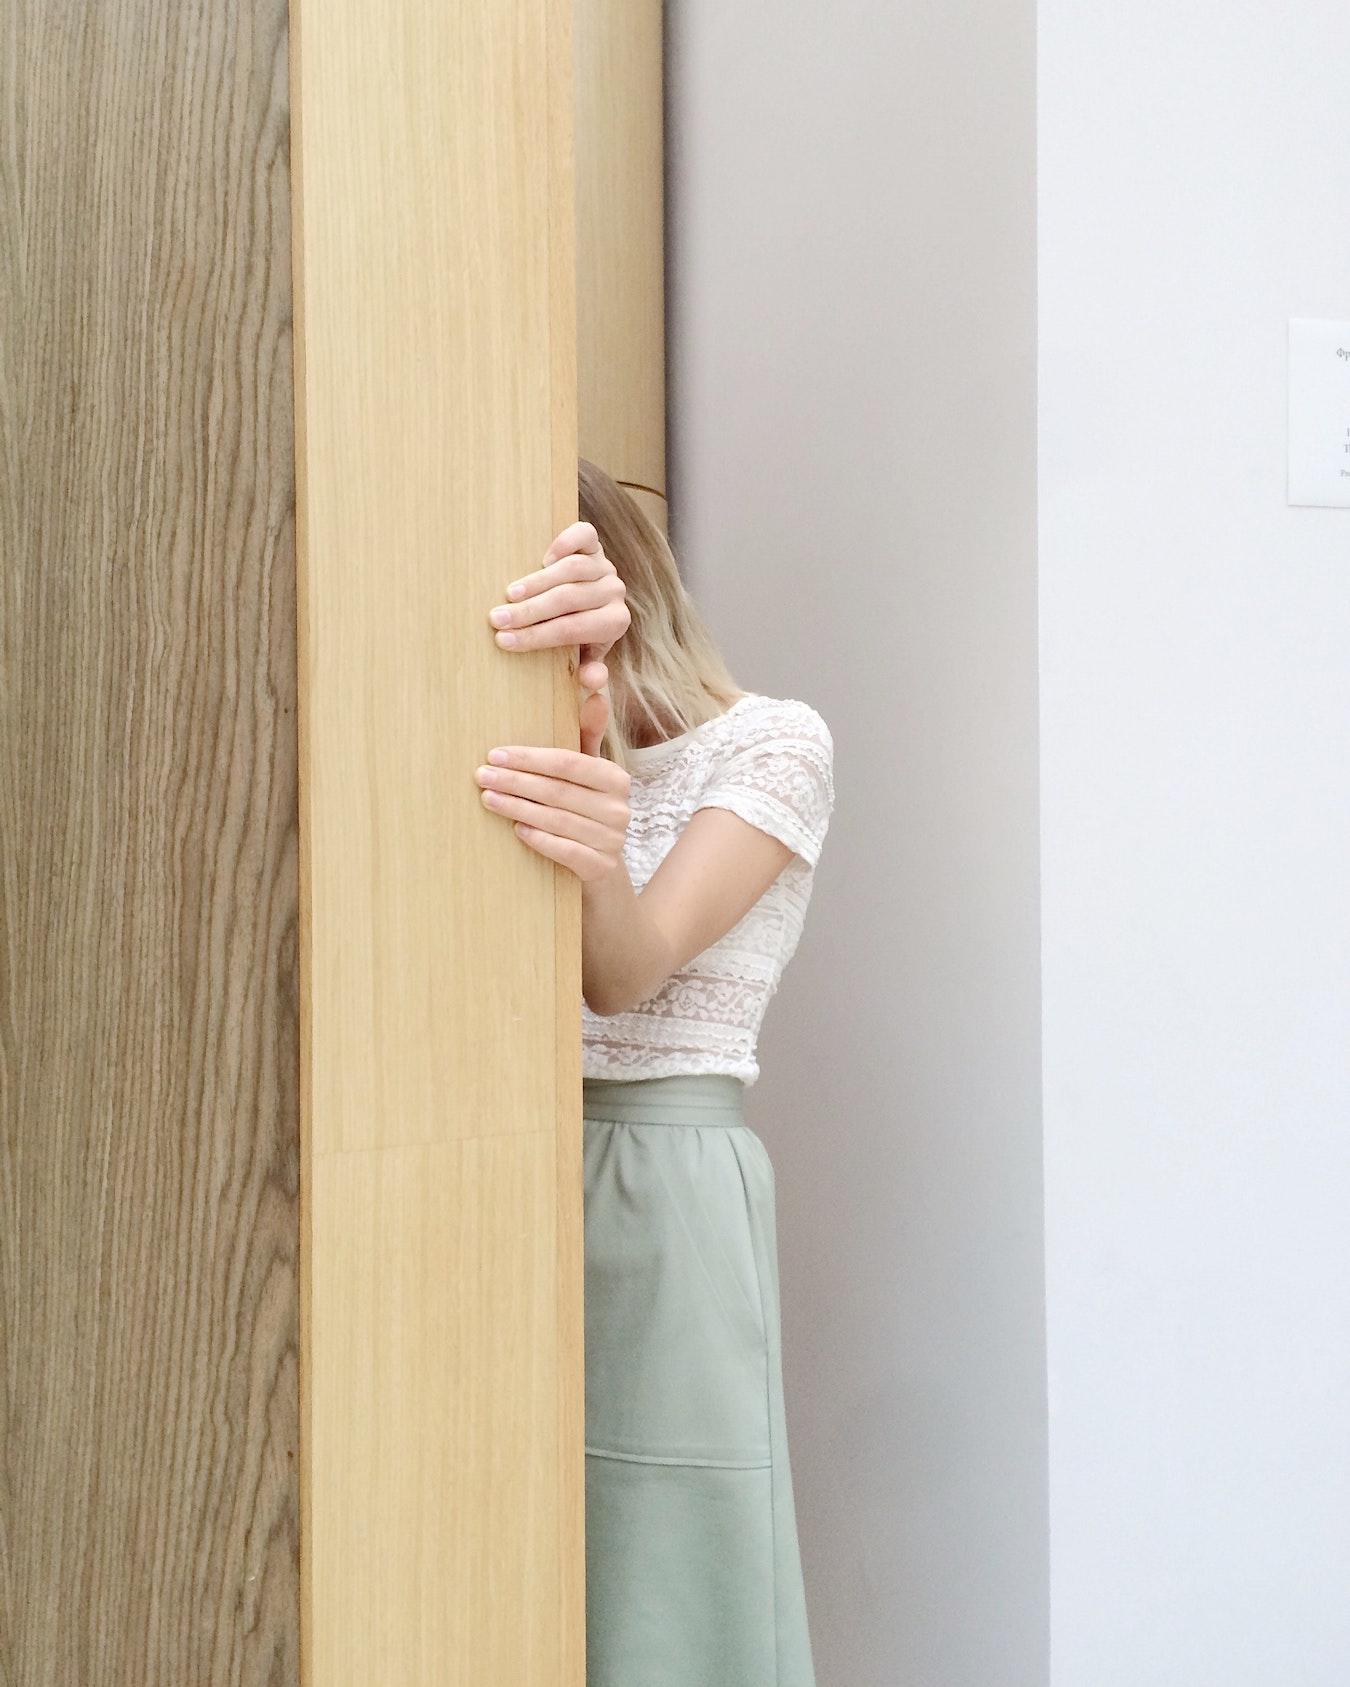 junge Frau versteckt sich hinter einer Tür aus Angst vor Ablehnung